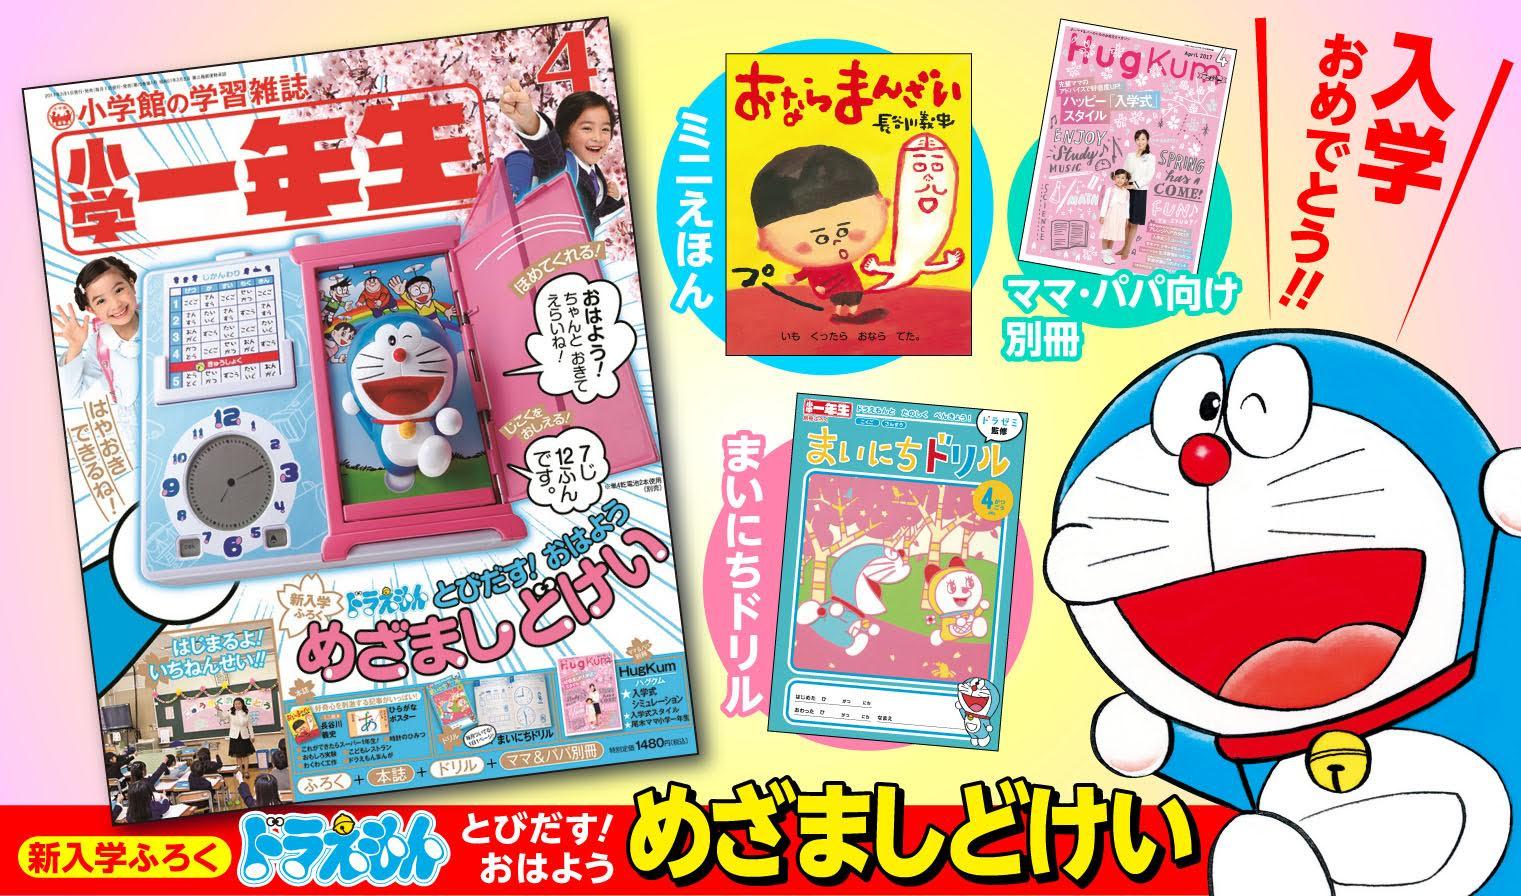 『小学一年生』2017年4月号メインビジュアル